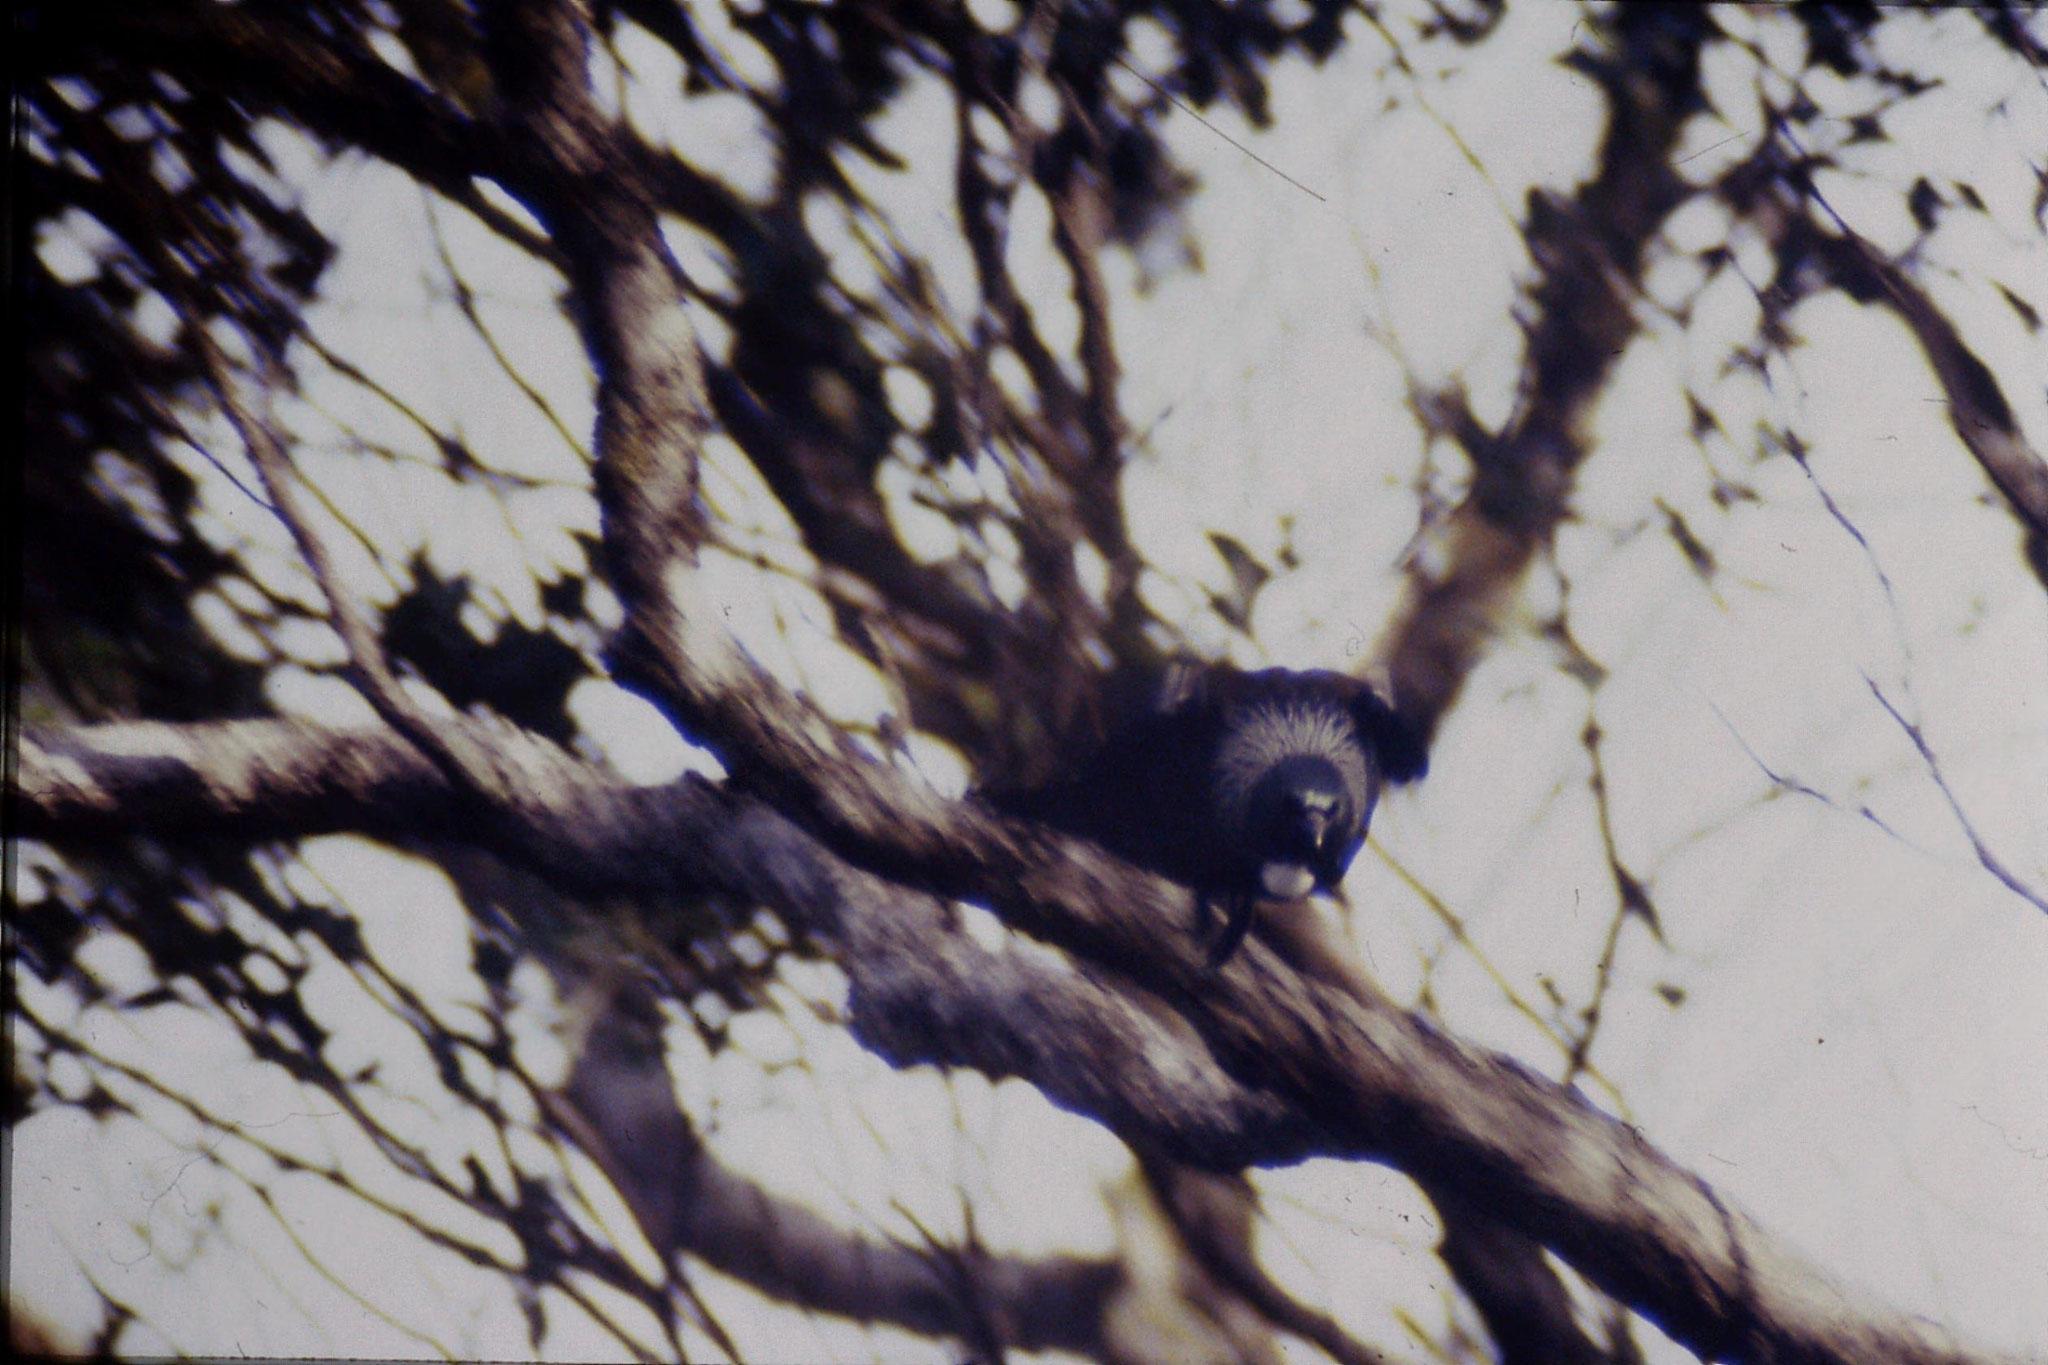 2/9/1990: 2: Little Barrier Is, tui